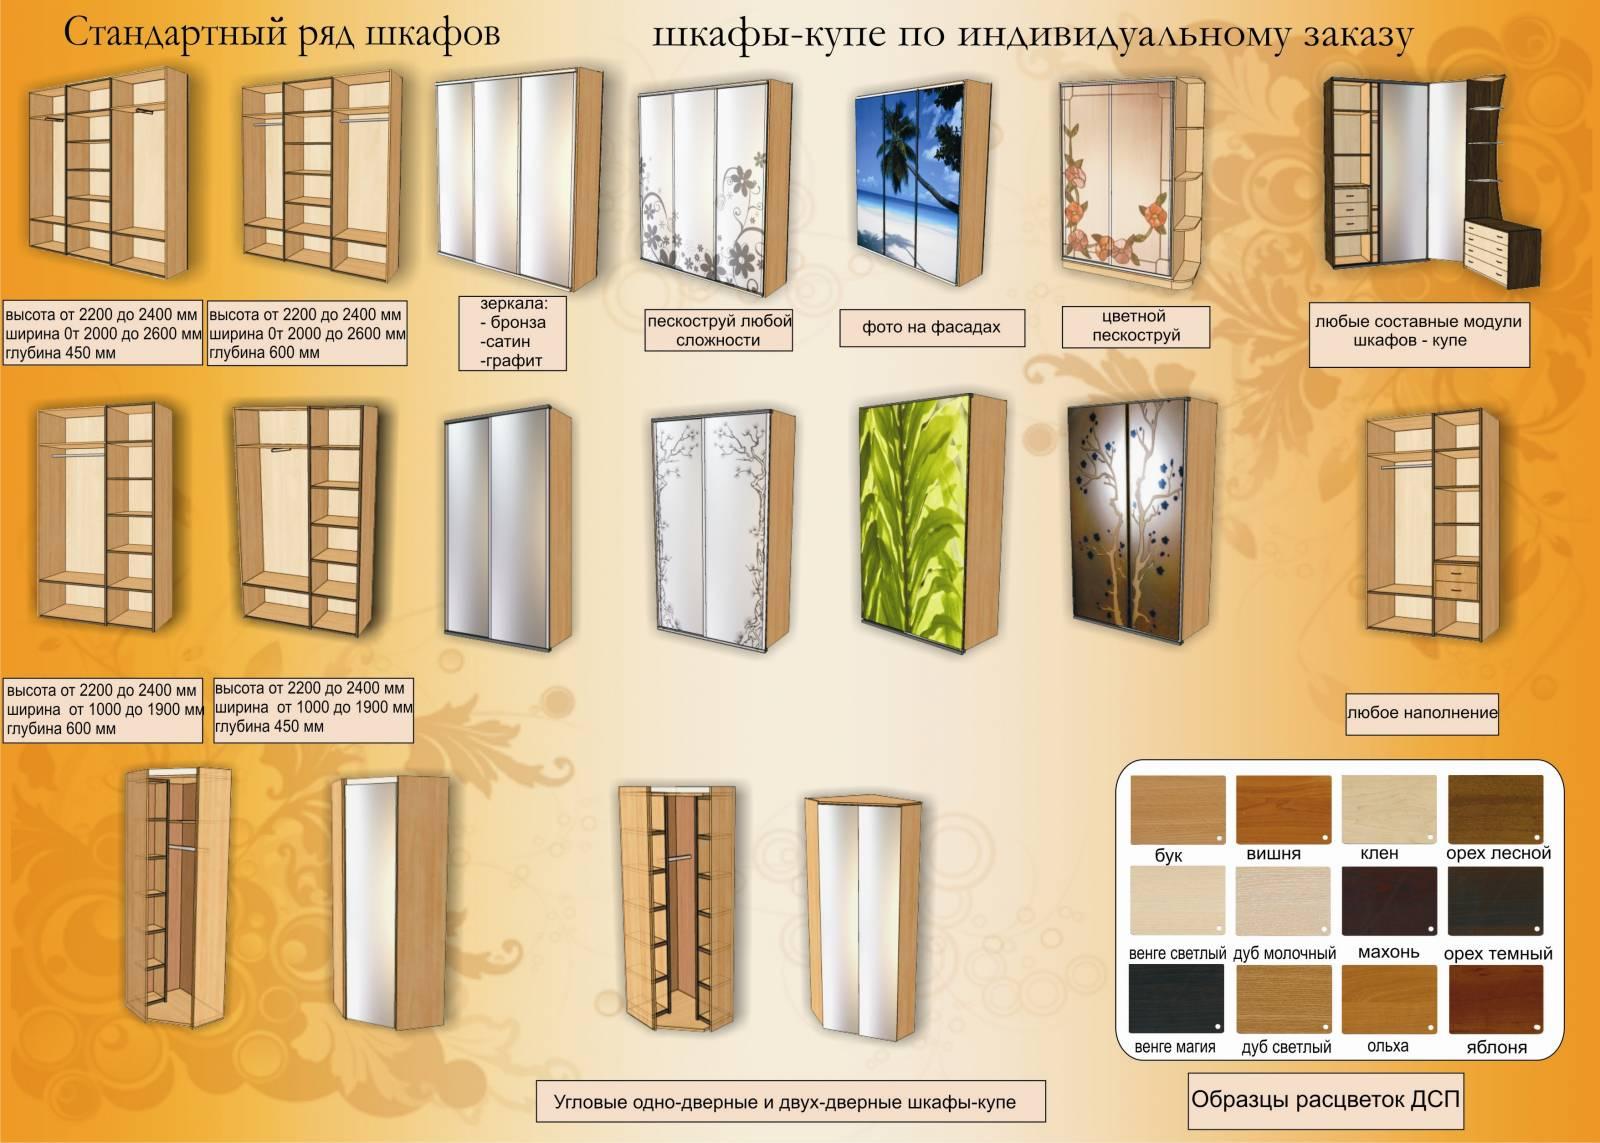 Шкафы-купе под заказ -киевская область, фото 1 киев slanet.